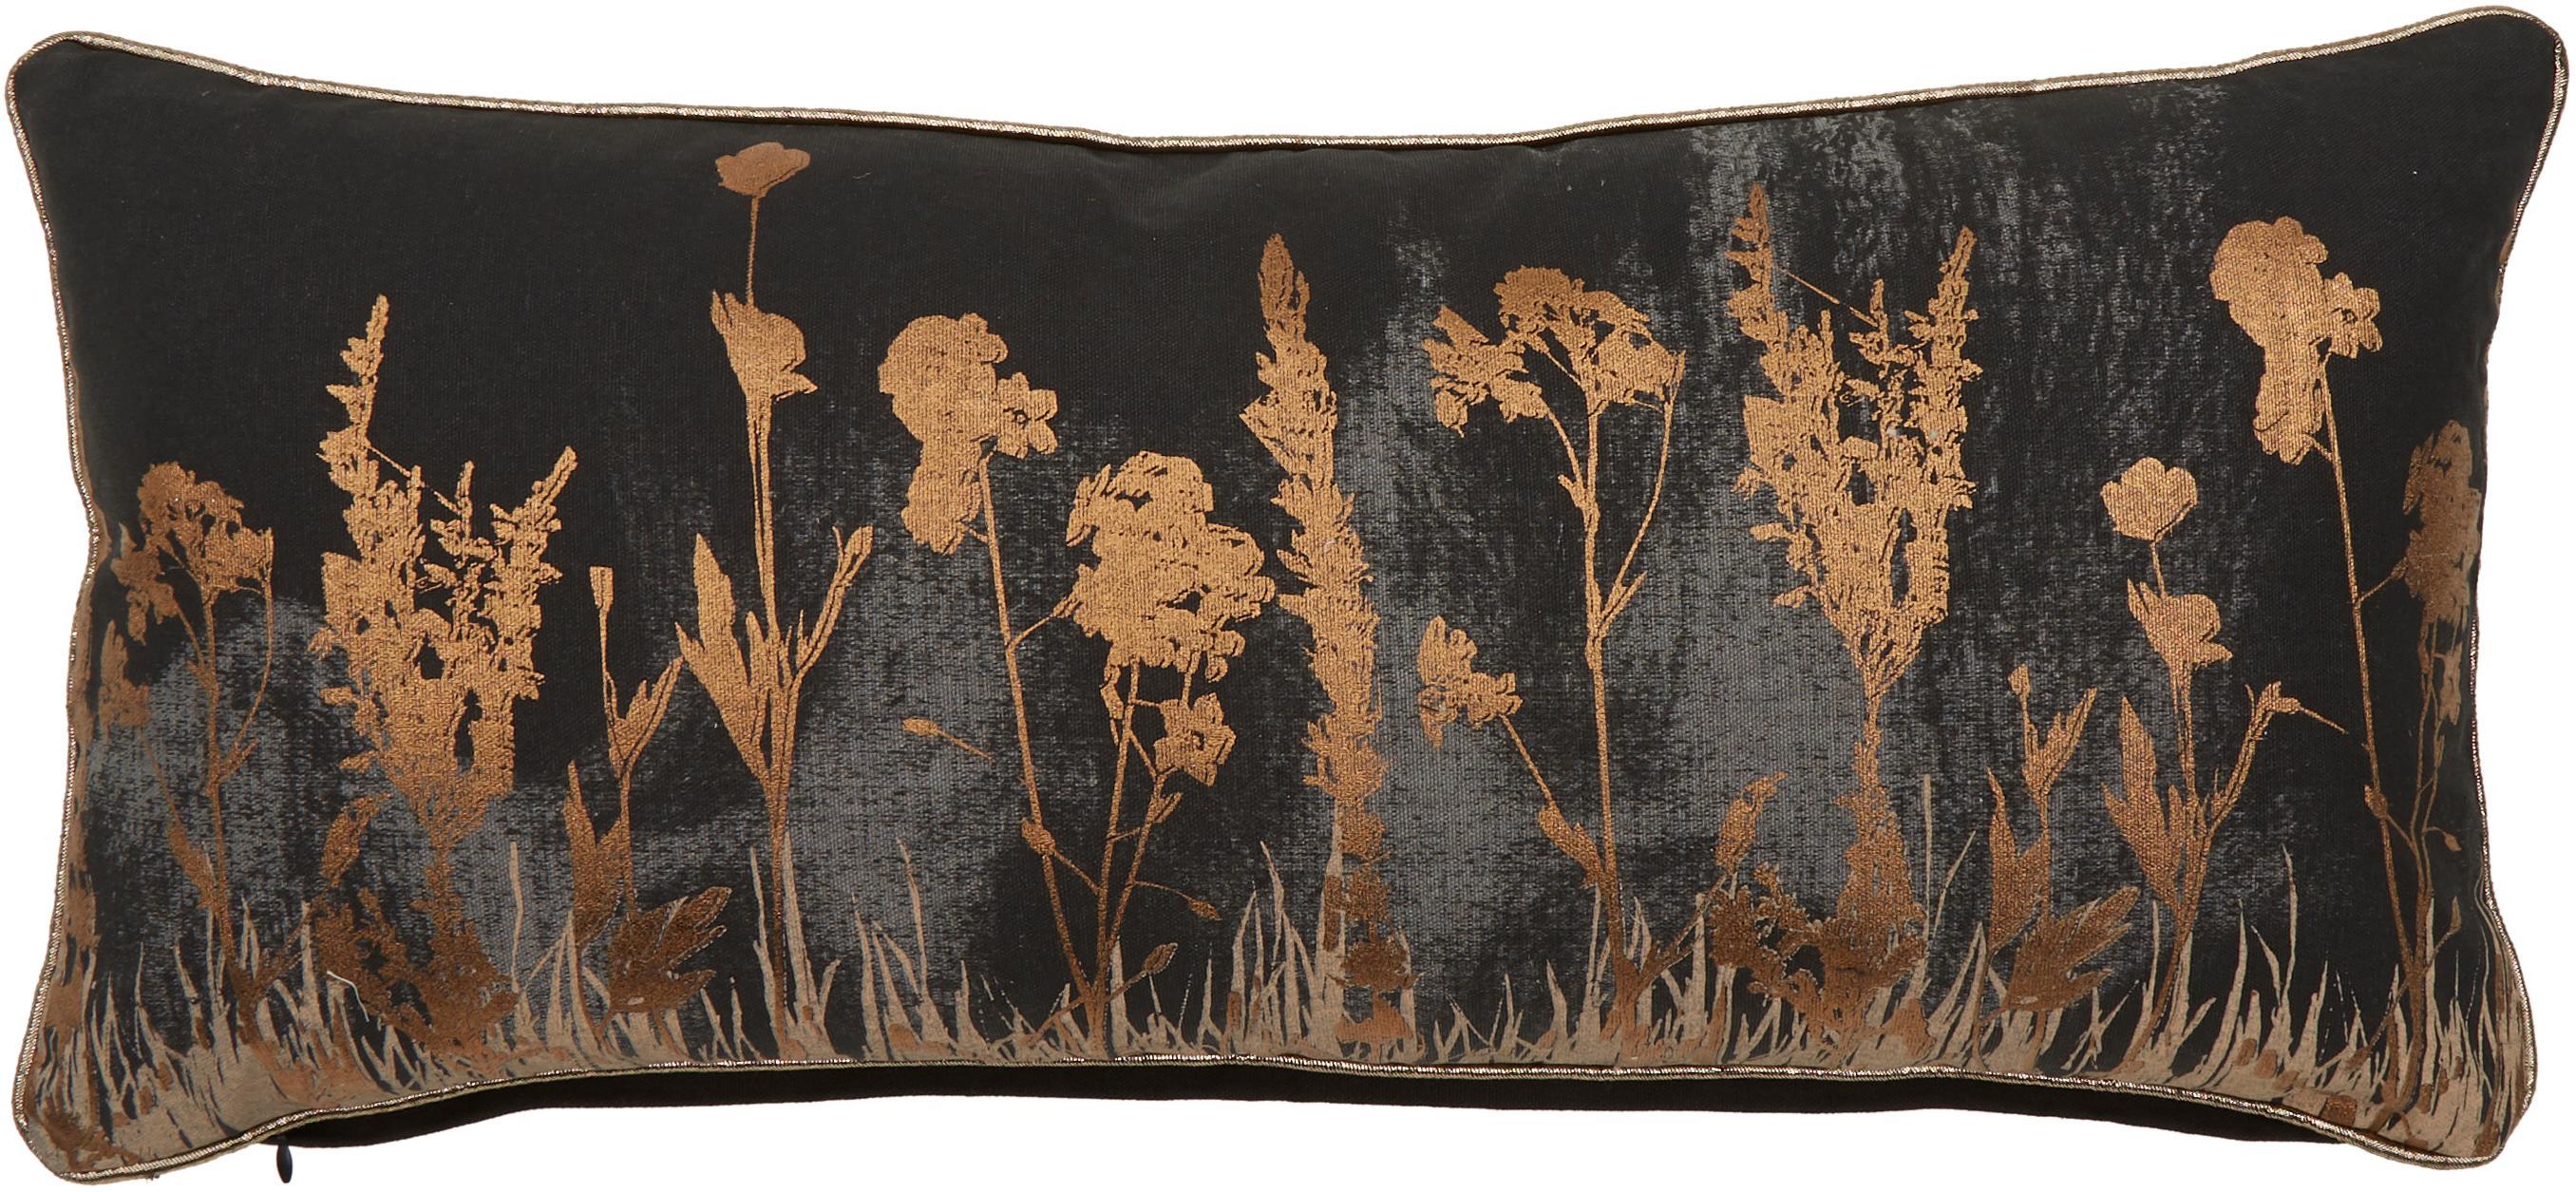 Kissen Wild Floral mit glänzendem Blumenmuster, mit Inlett, Bezug: 100% Baumwolle, Schwarz, Anthrazit, Kupferfarben, 30 x 65 cm